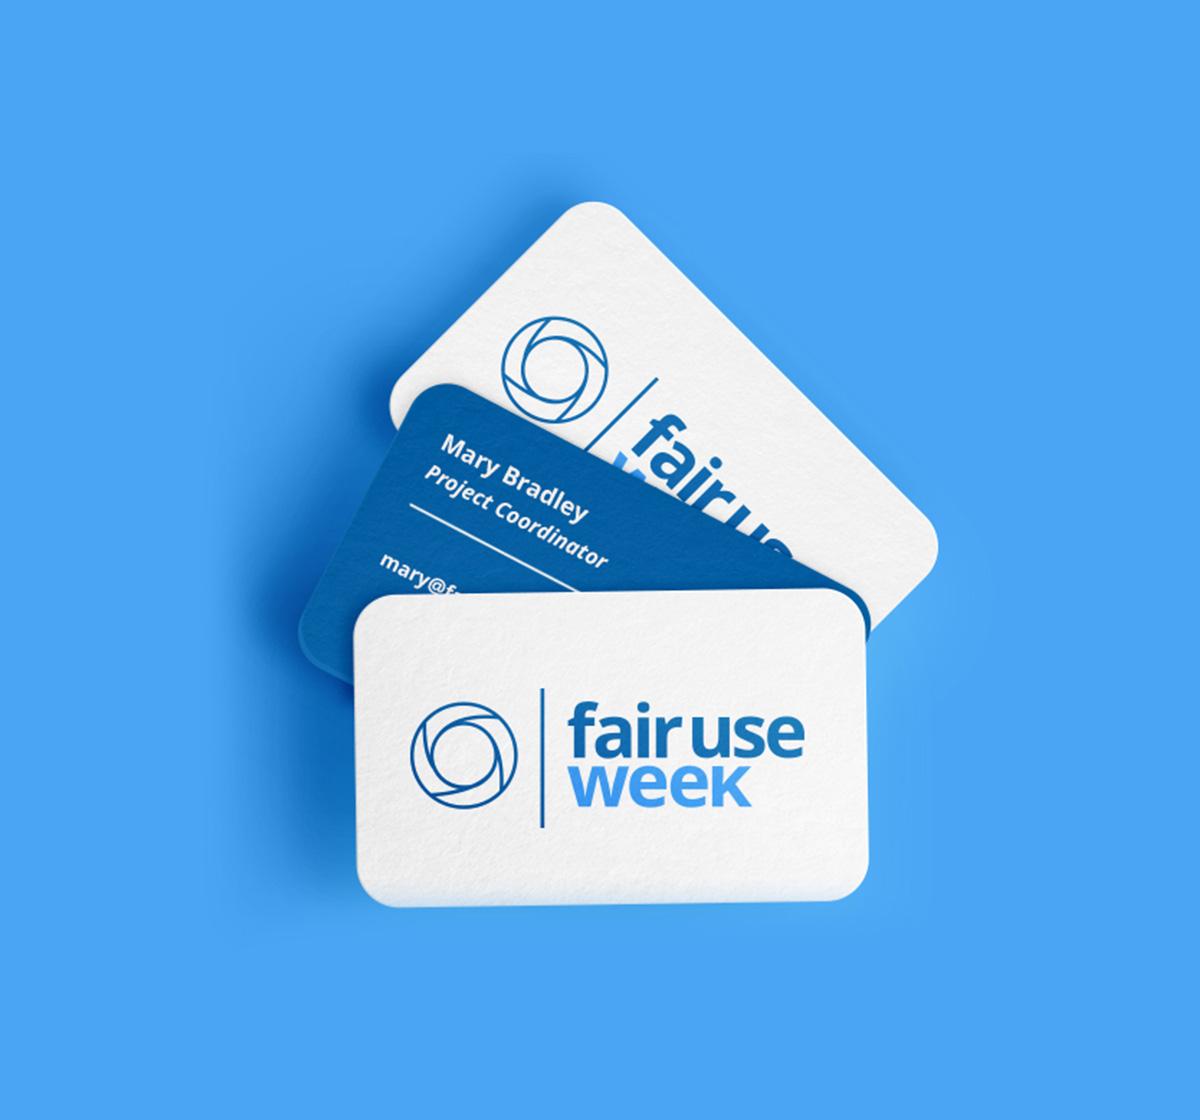 Fair Use Week Branding